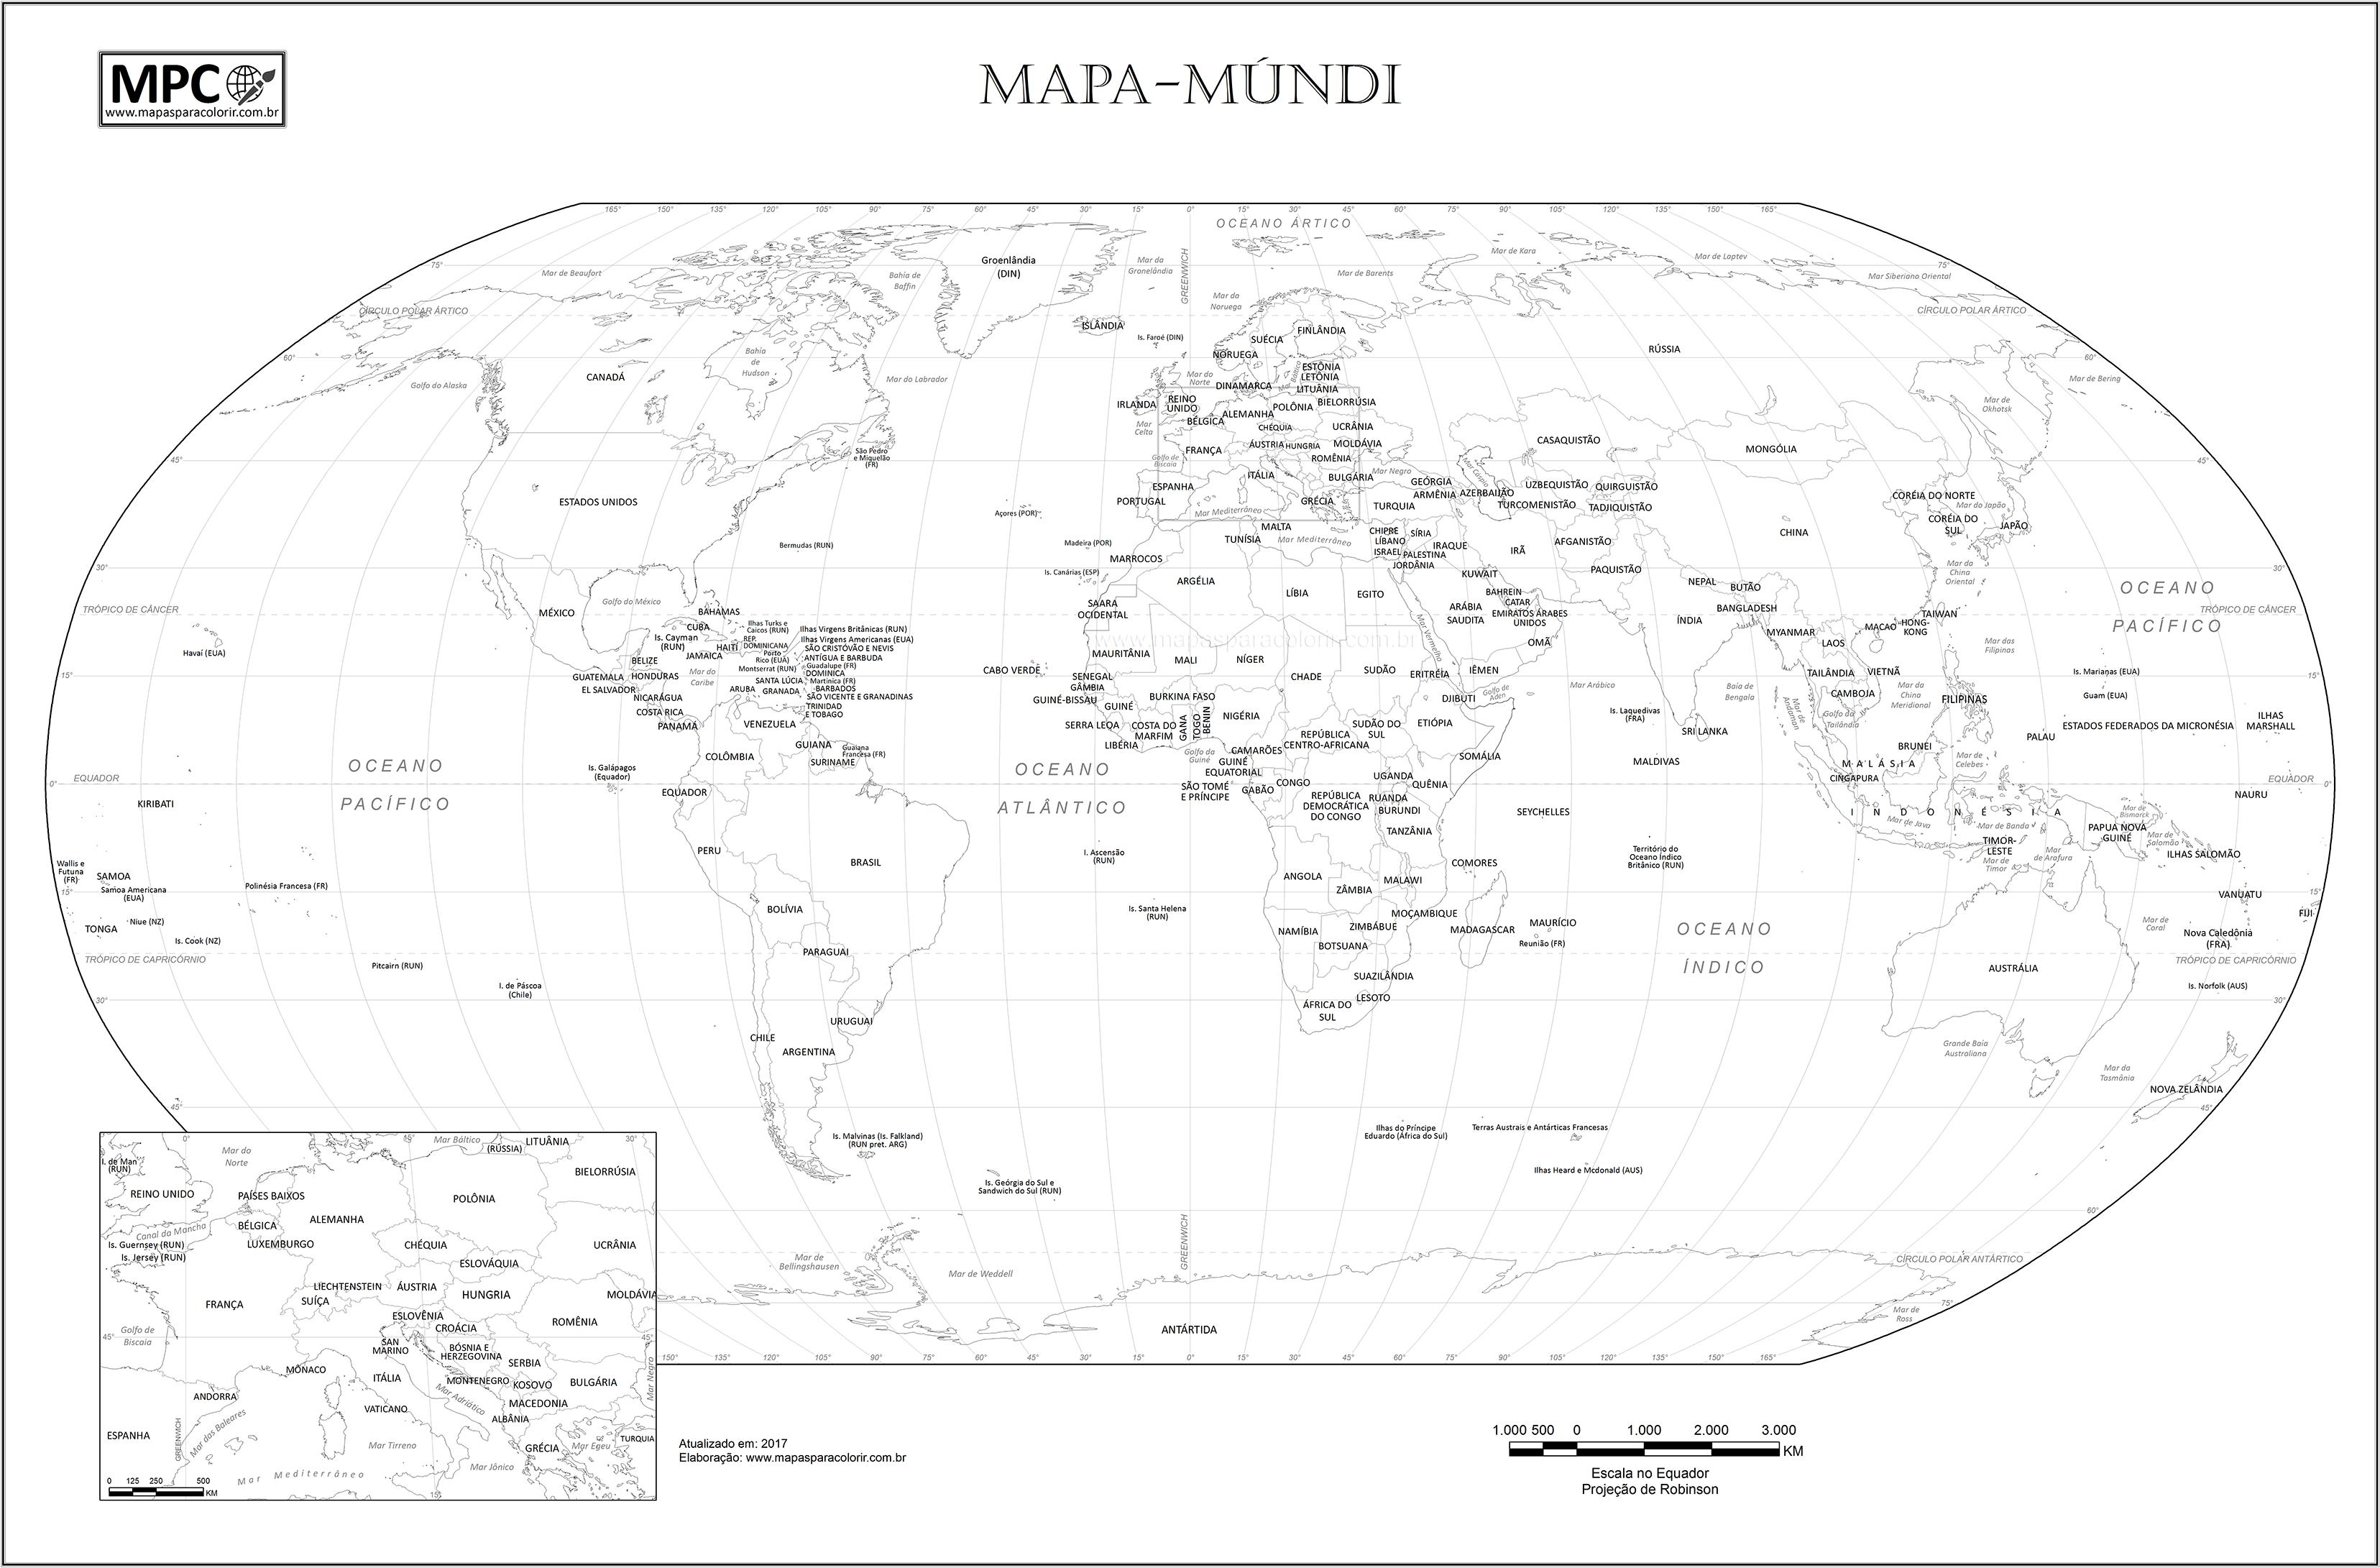 MAPA MUNDI PARA COLORIR - Político e continentes